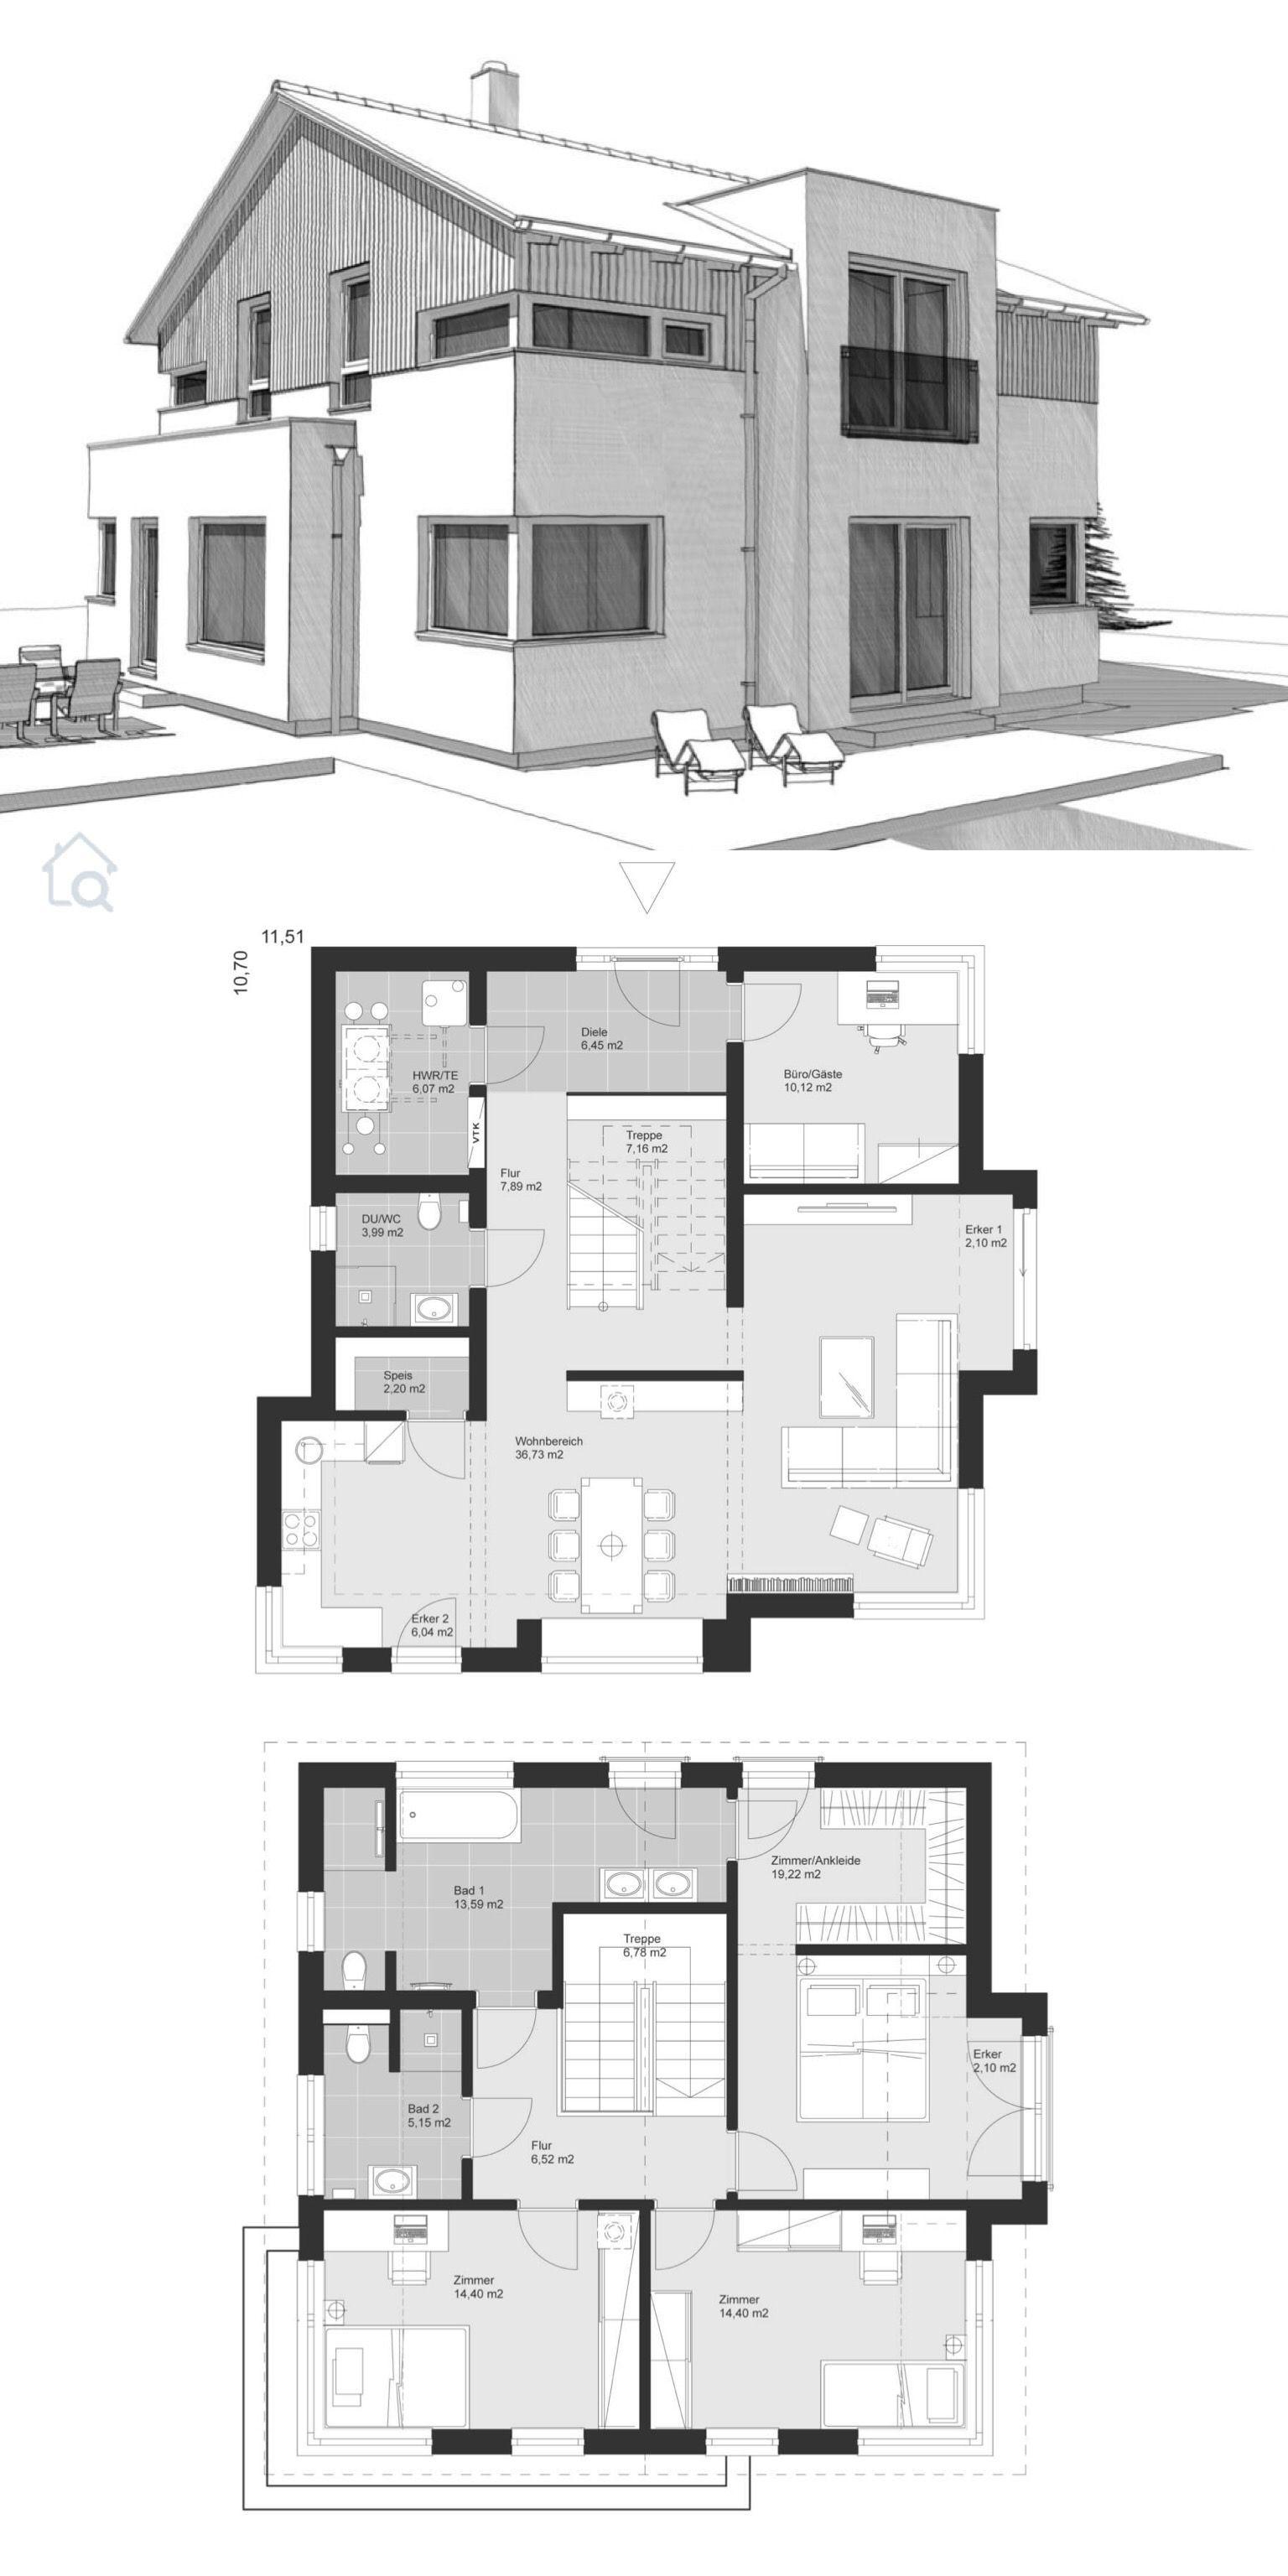 Einfamilienhaus Neubau Grundriss mit Satteldach & Holz Putz Fassade bauen – Haus Ideen